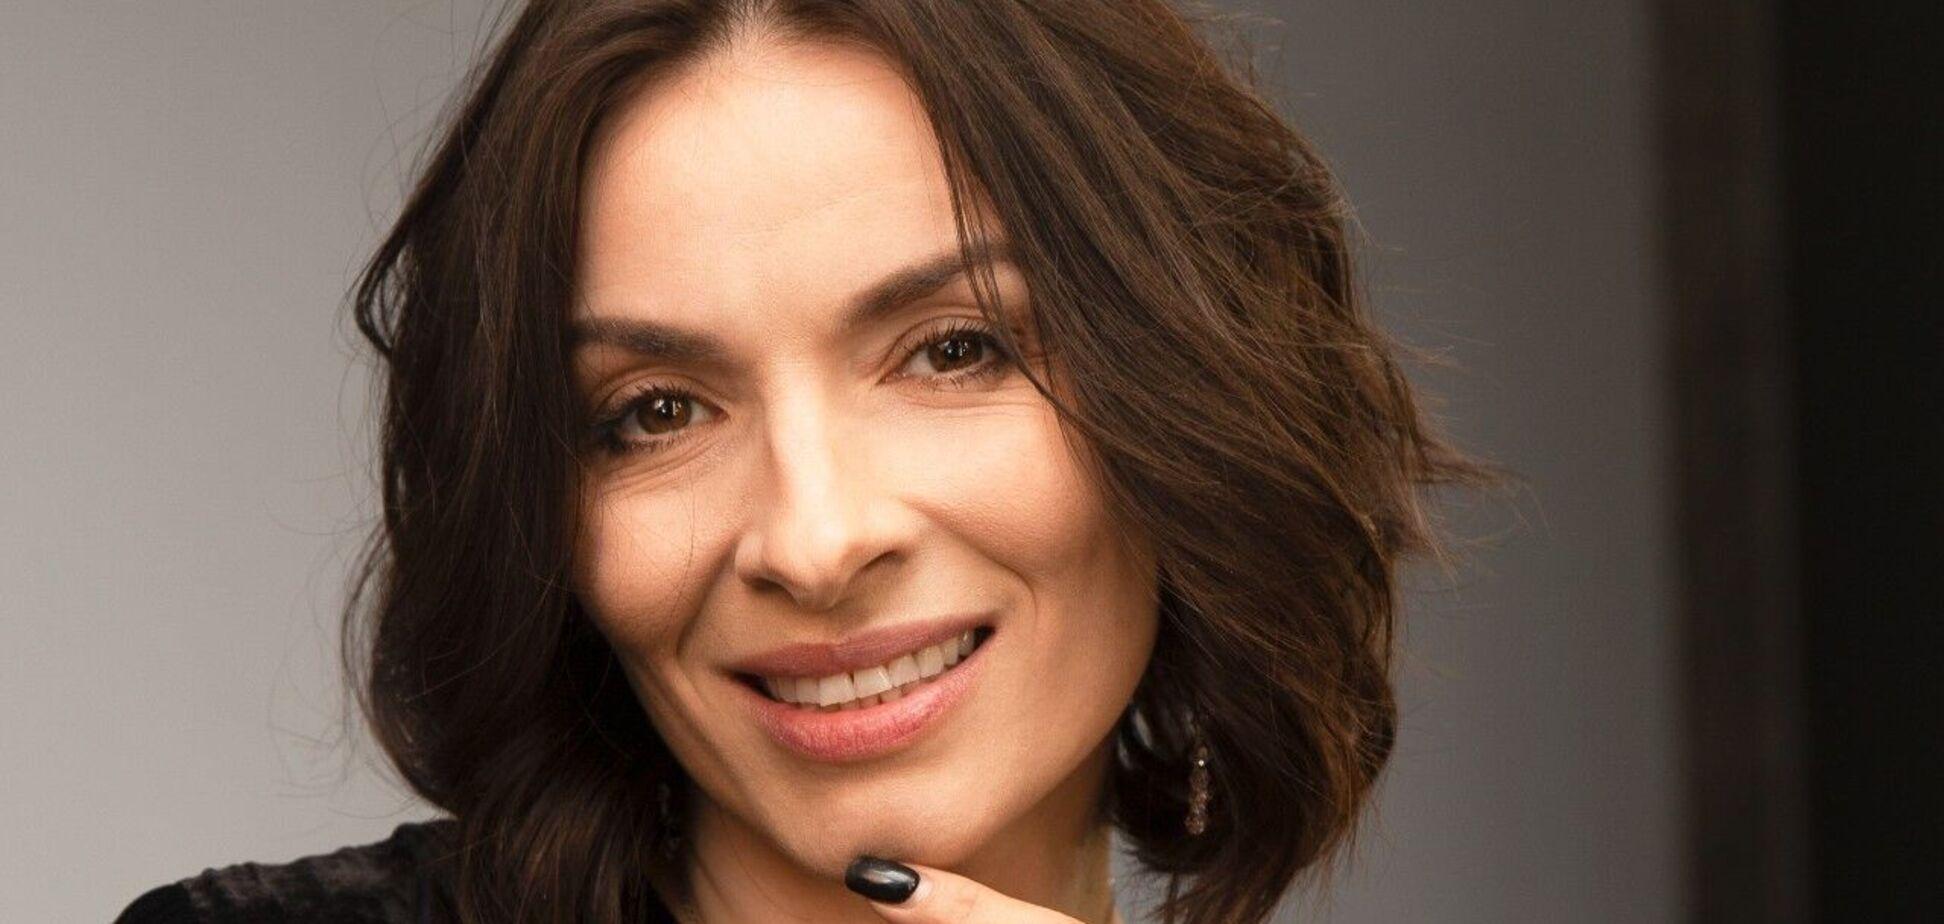 Надежда Мейхер выйдет на сцену Киевской консерватории в роли главной героини постановки 'Кармен'